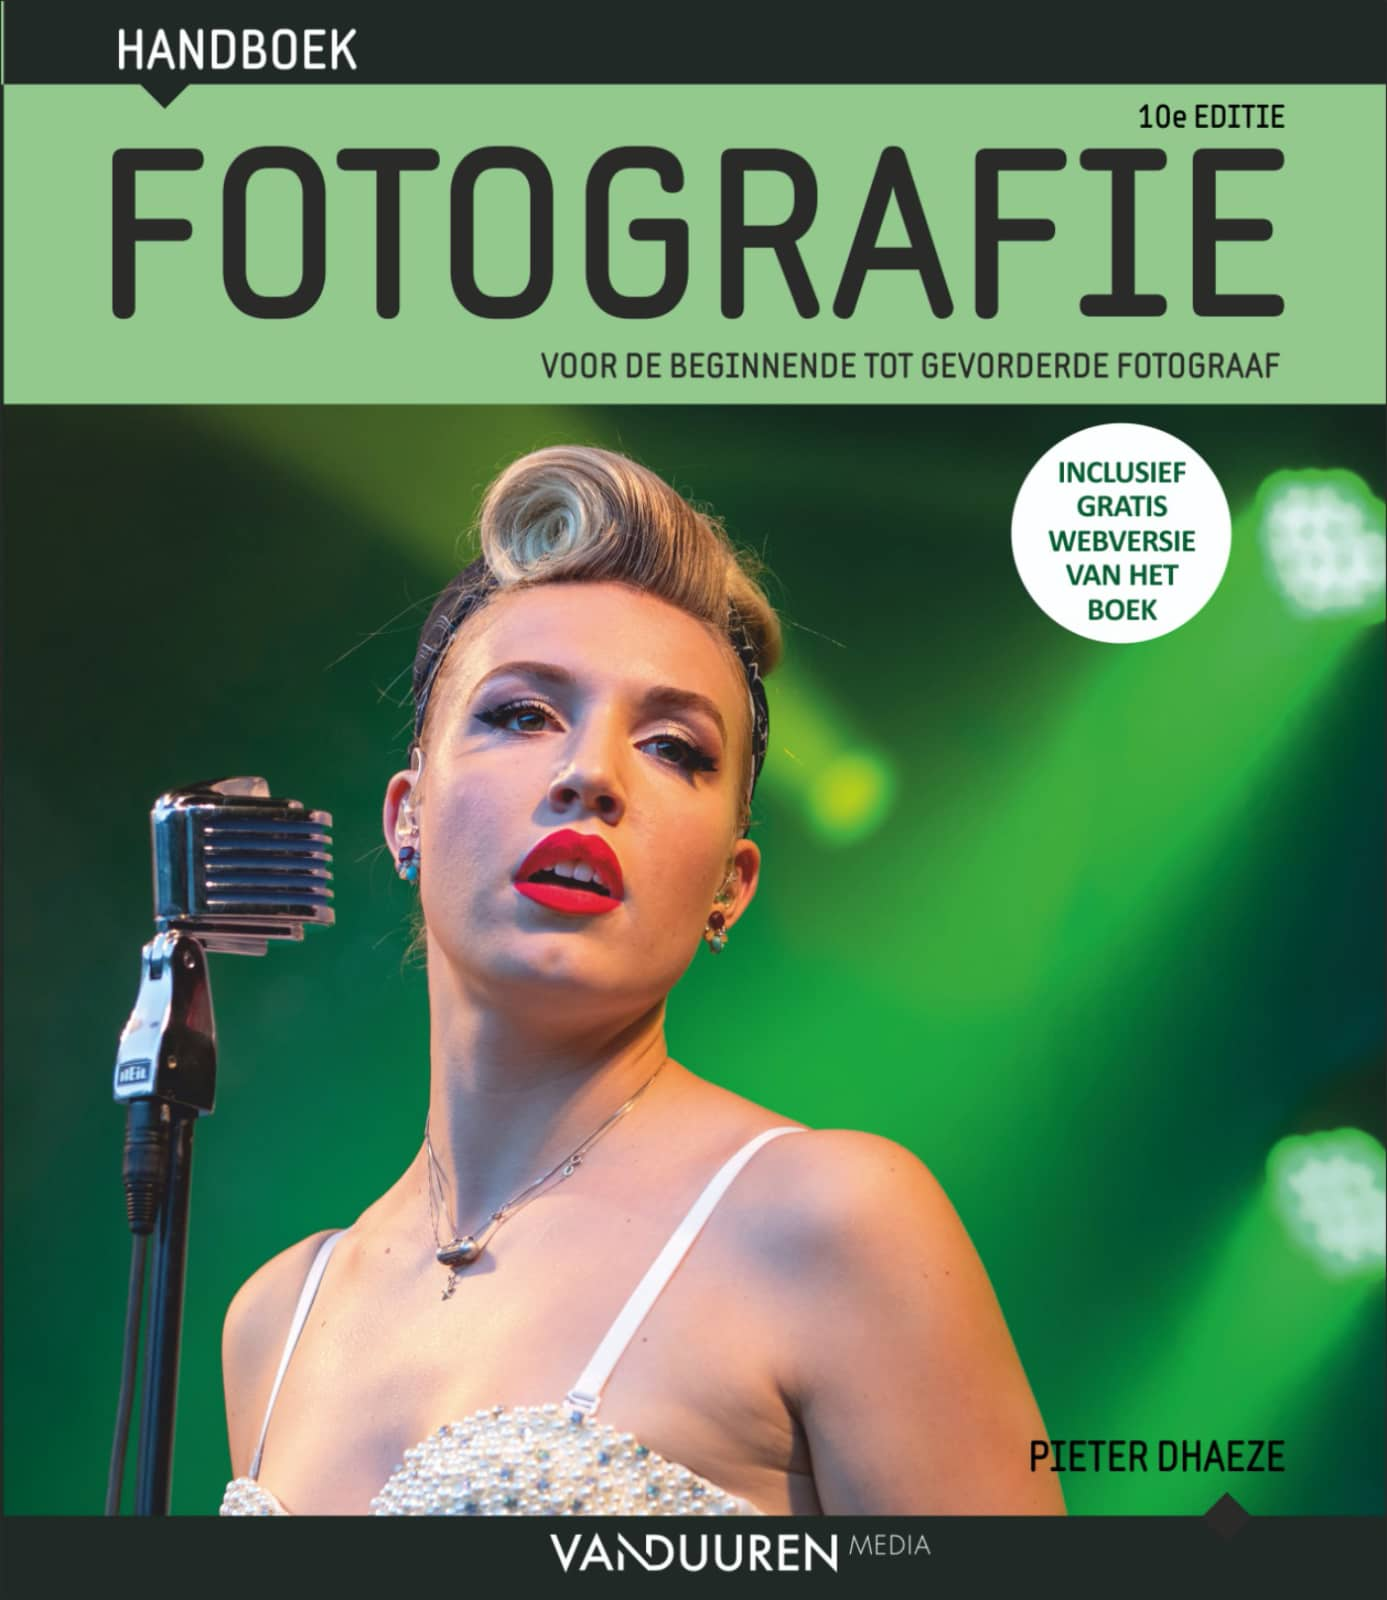 Handboek fotografie- Pieter Dhaeze, 10e editie, isbn 9789463561686. Voor de beginnende tot gevorderde fotograaf